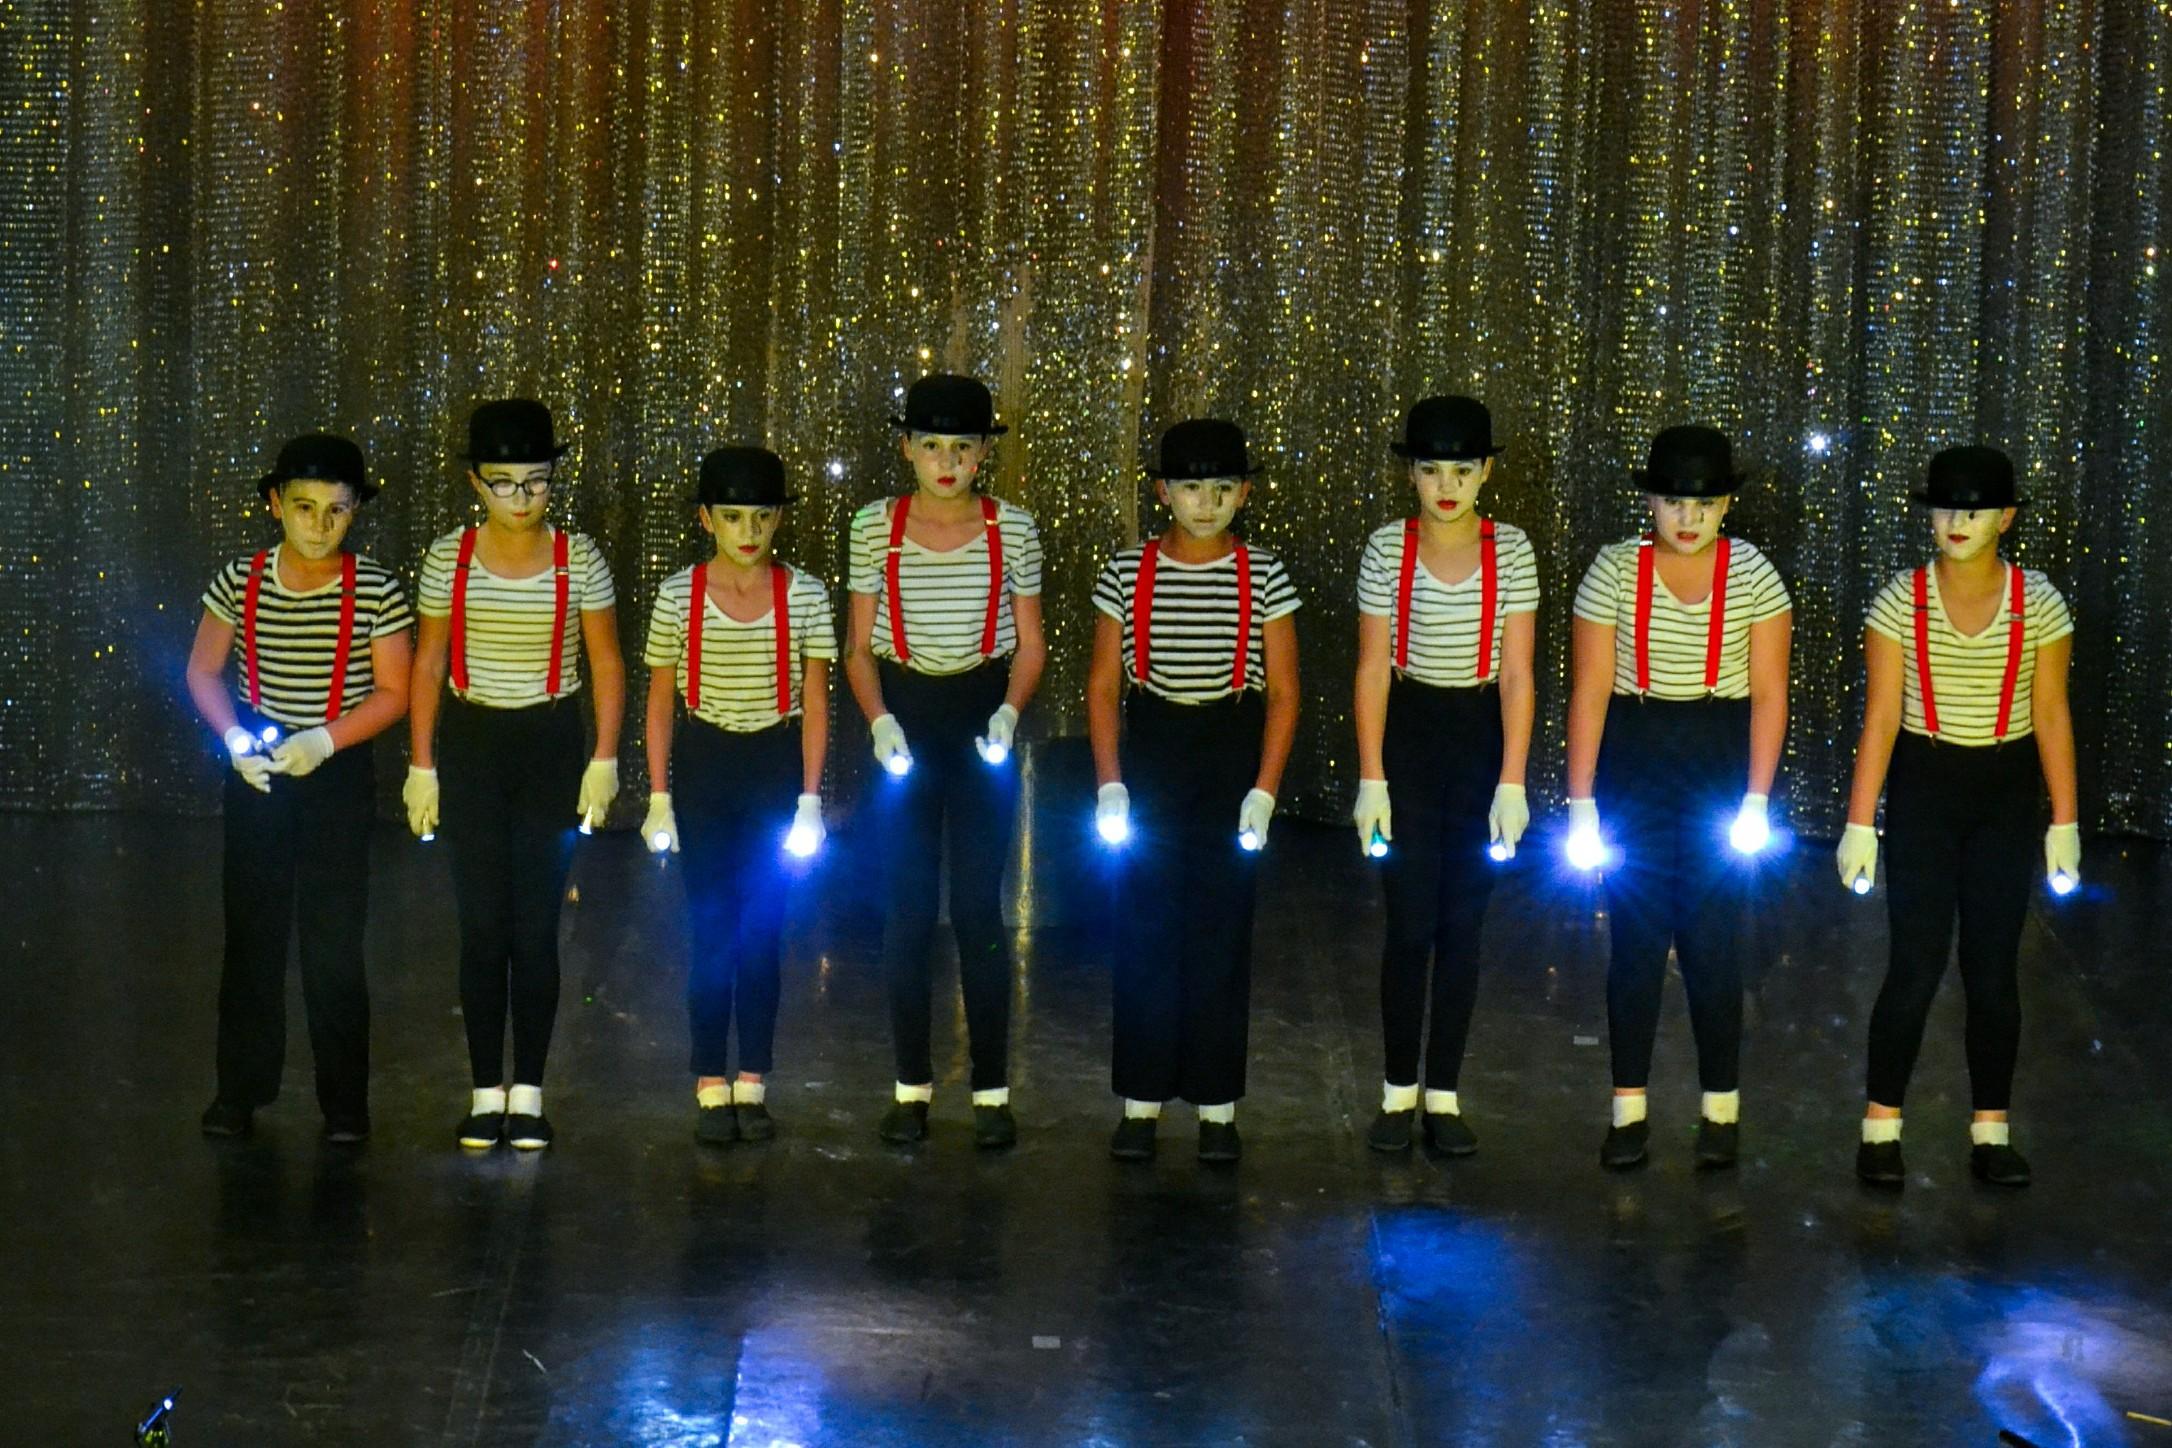 Linea-de-Baile-festival-verano-2015-clases-de-baile-valencia-78